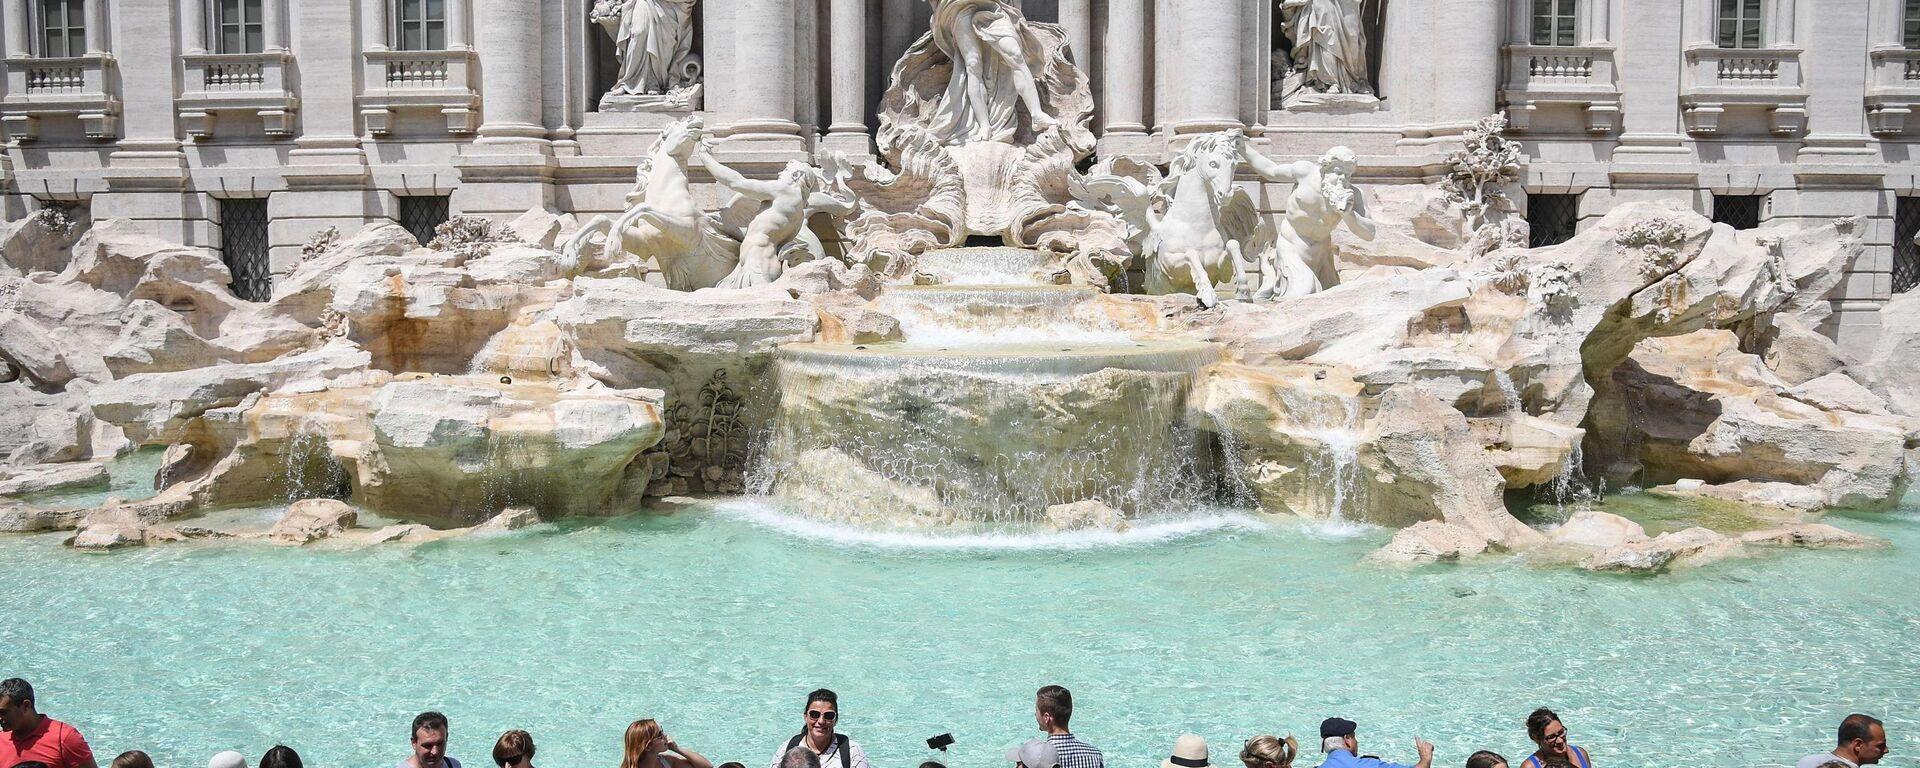 Turisti alla fontana di Trevi - Sputnik Italia, 1920, 18.04.2021